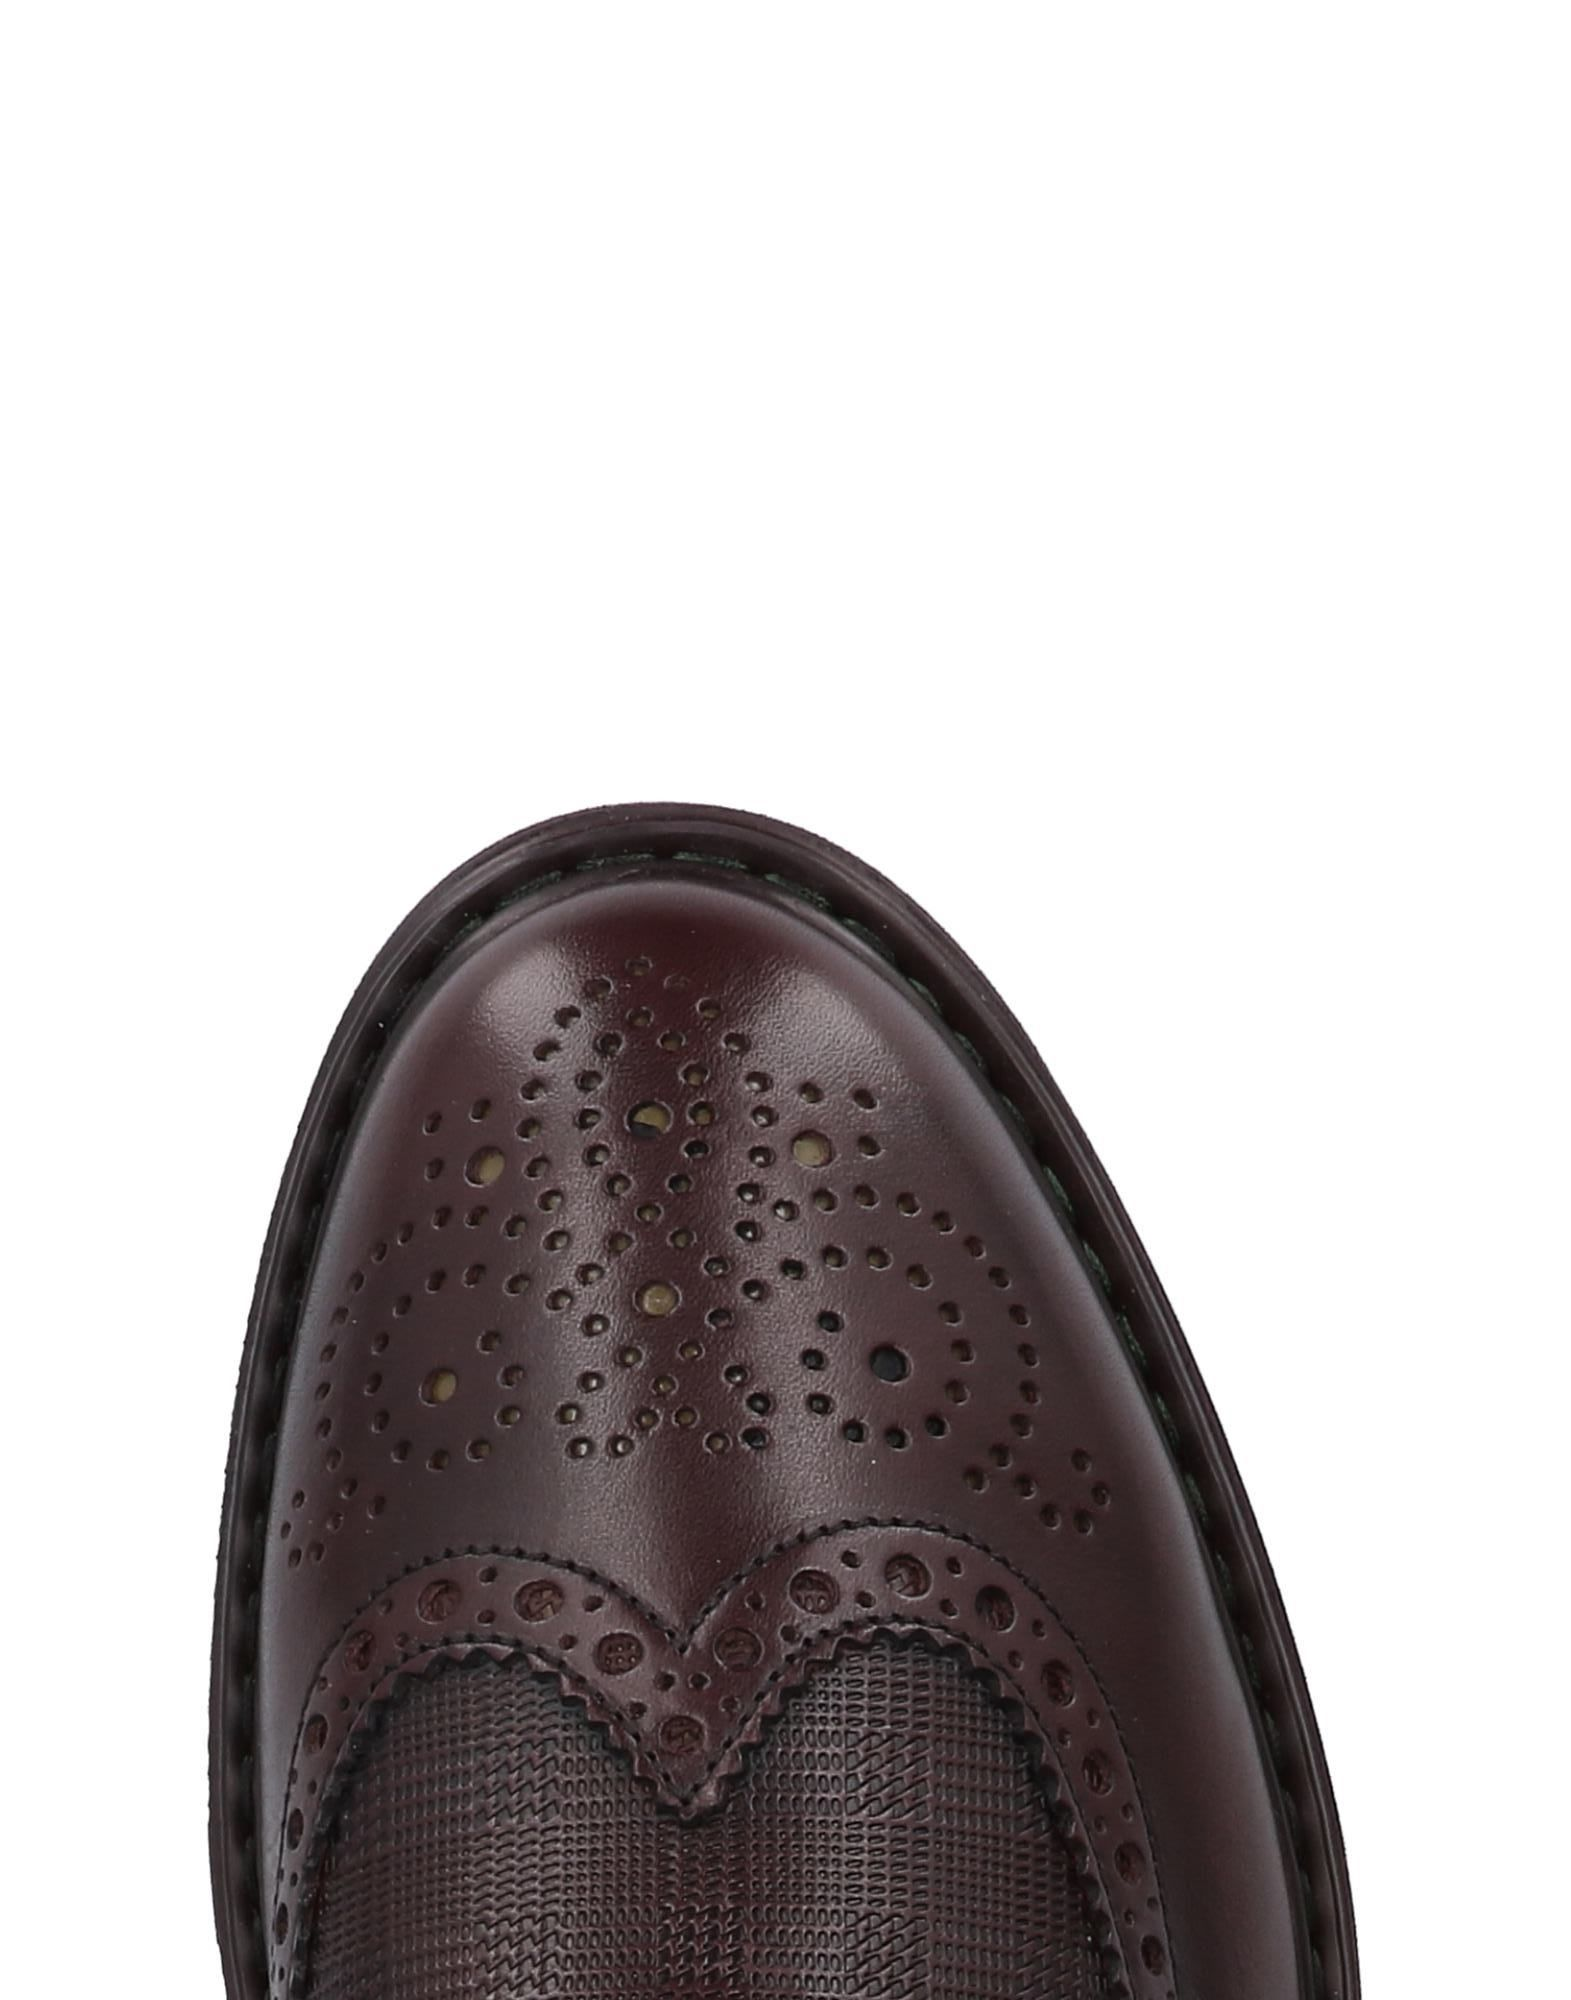 Rabatt echte Brimarts Schuhe Brimarts echte Schnürschuhe Herren  11467548AE 25b076